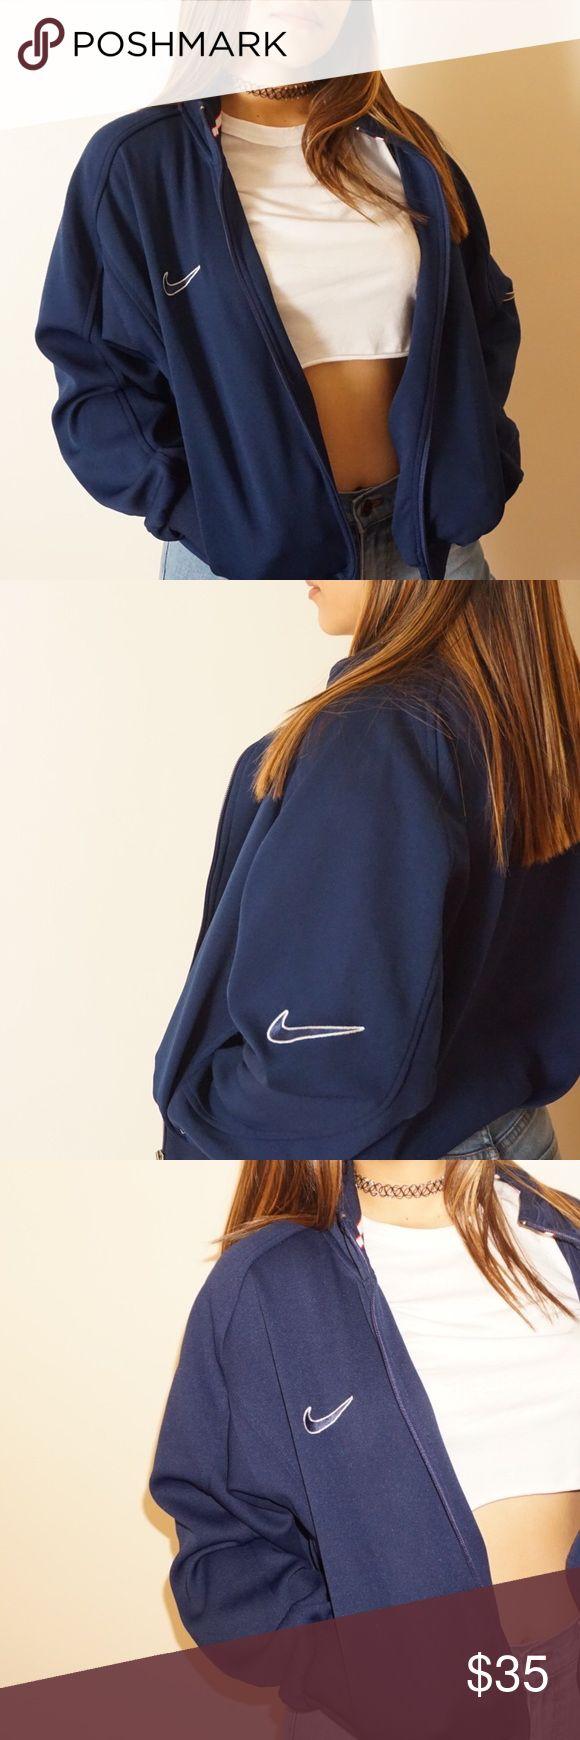 Vintage Nike Jacket Navy blue VINTAGE Nike Jacket! In beautiful condition! Nike Jackets & Coats